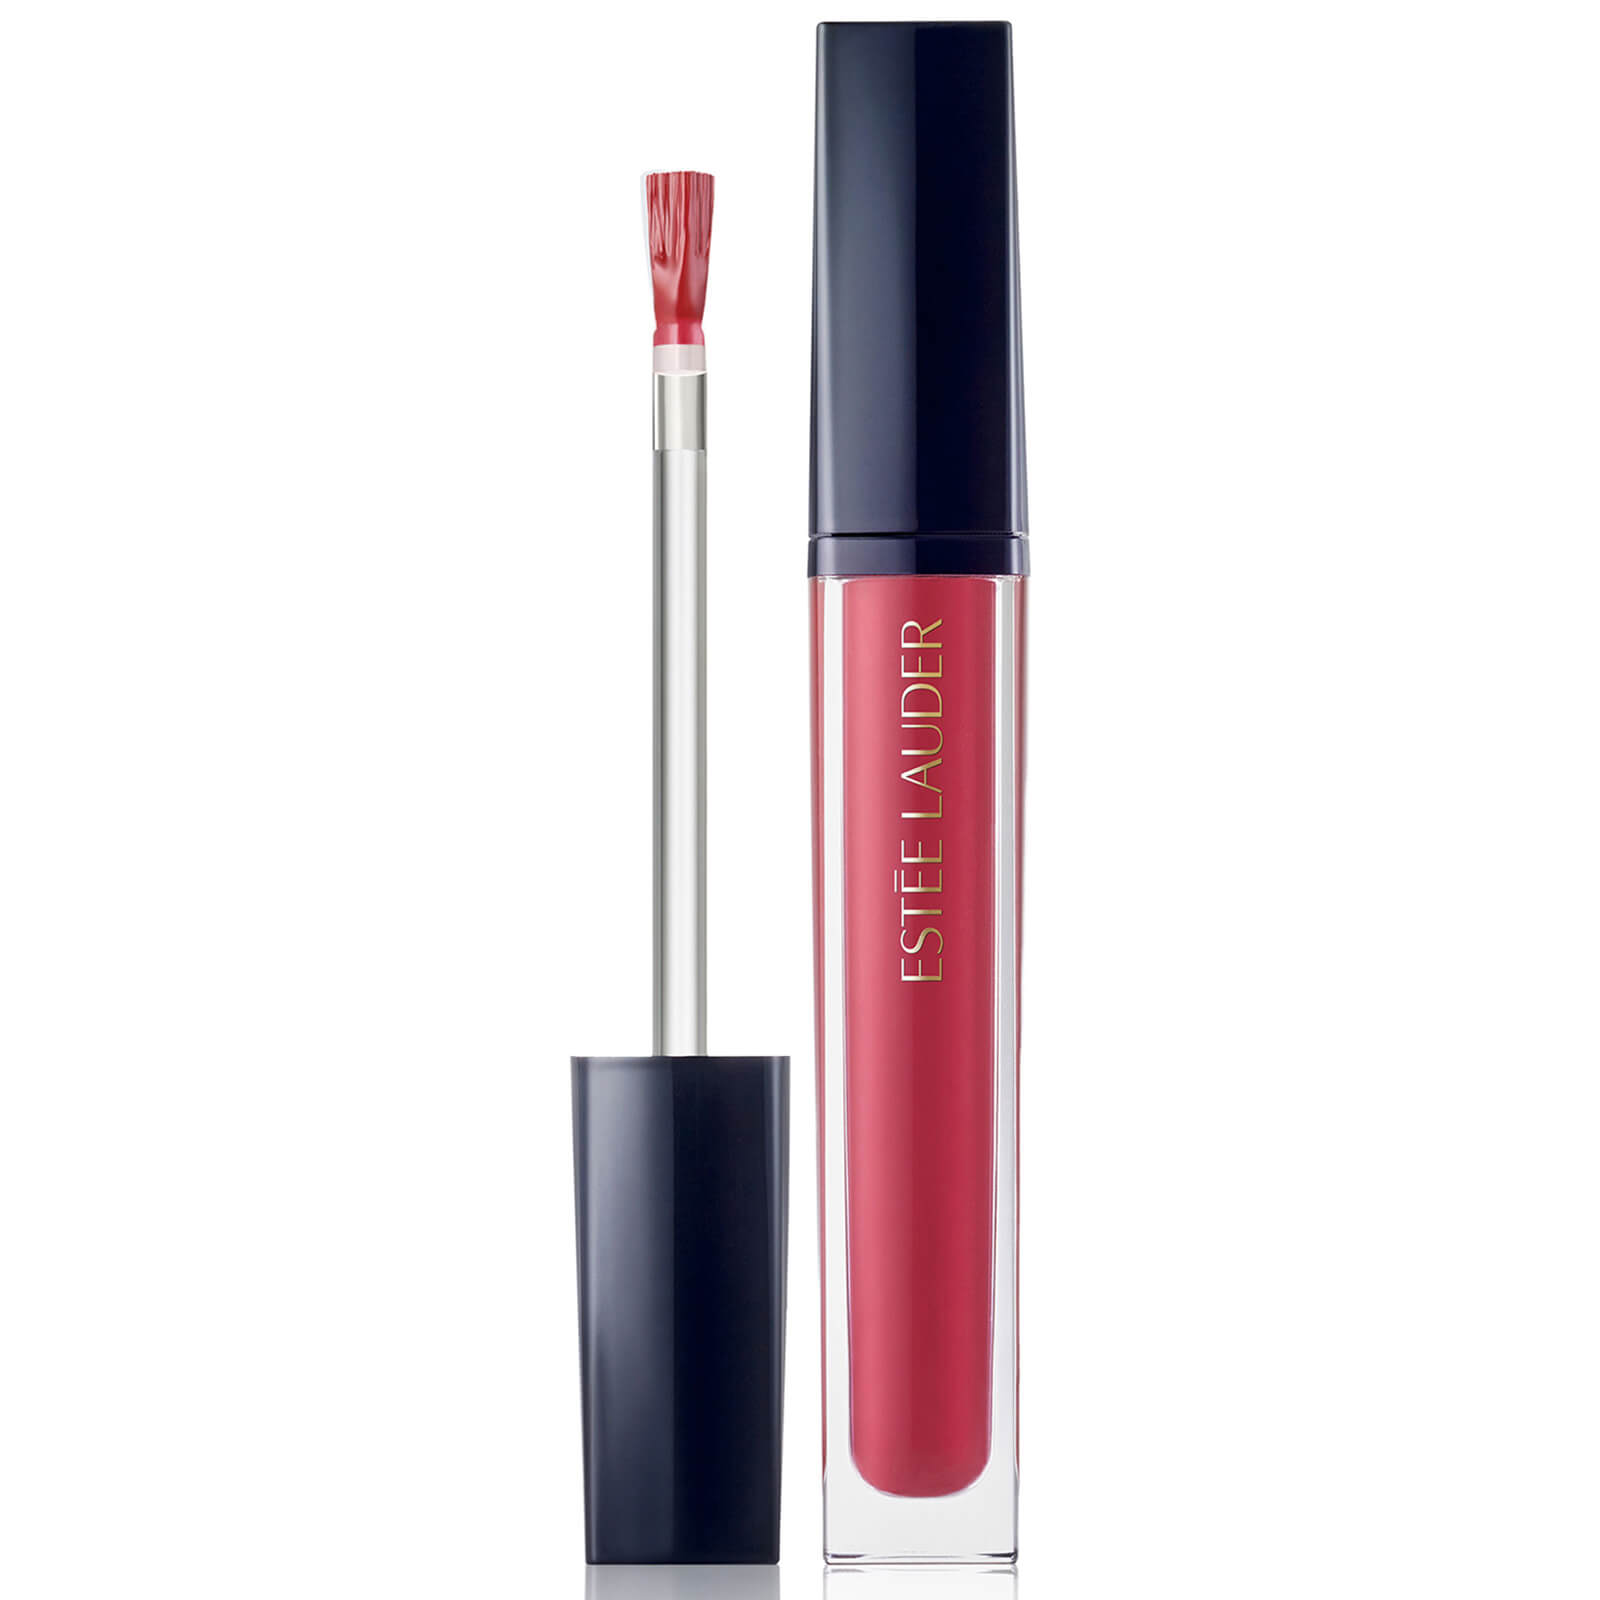 Купить Estée Lauder Pure Color Envy Kissable Lip Shine 5.8ml (Various Shades) - Eccentric